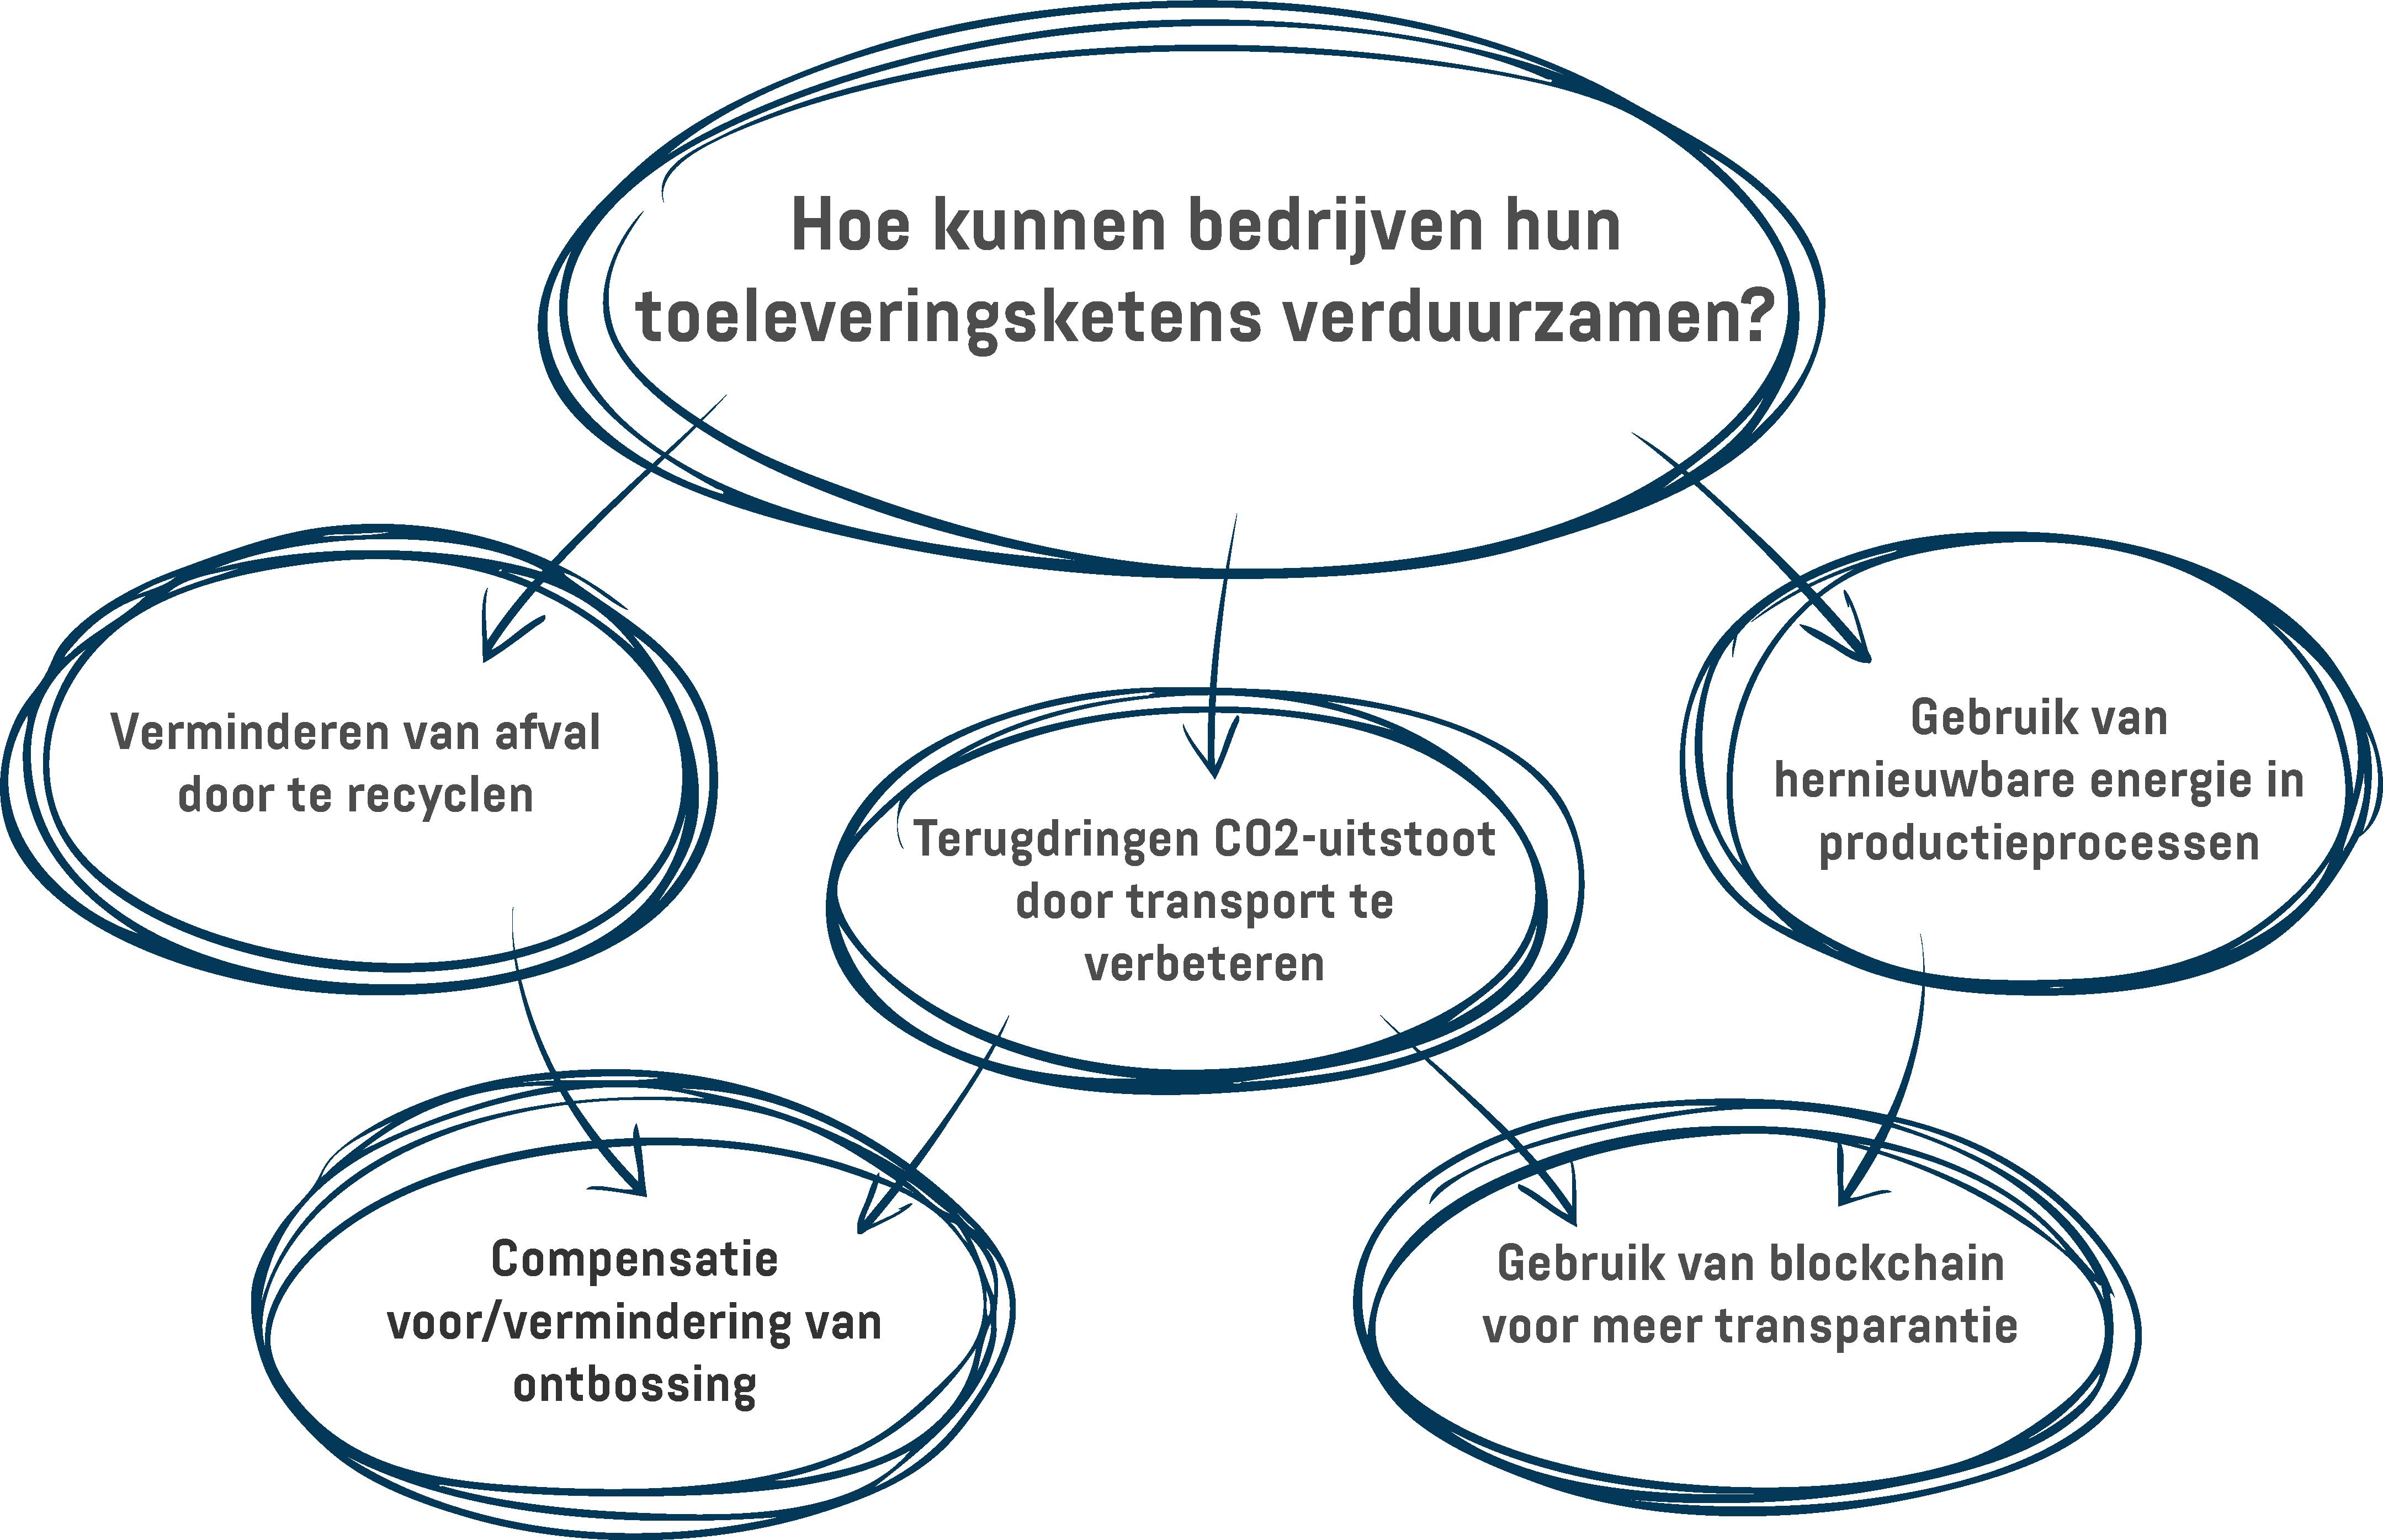 Een infographic met verschillende manieren waarop bedrijven hun toeleveringsketens duurzamer kunnen maken